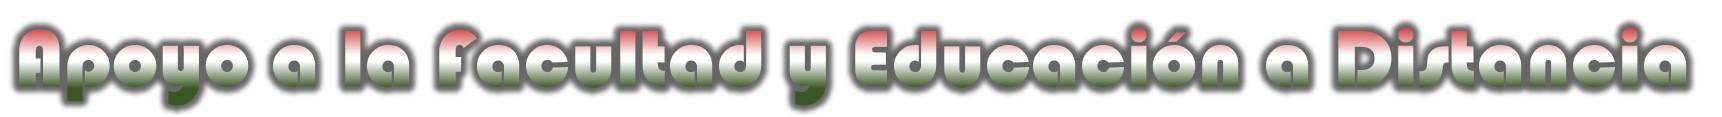 Imagen Banner Apoyo a la Facultad y Educación a Distancia